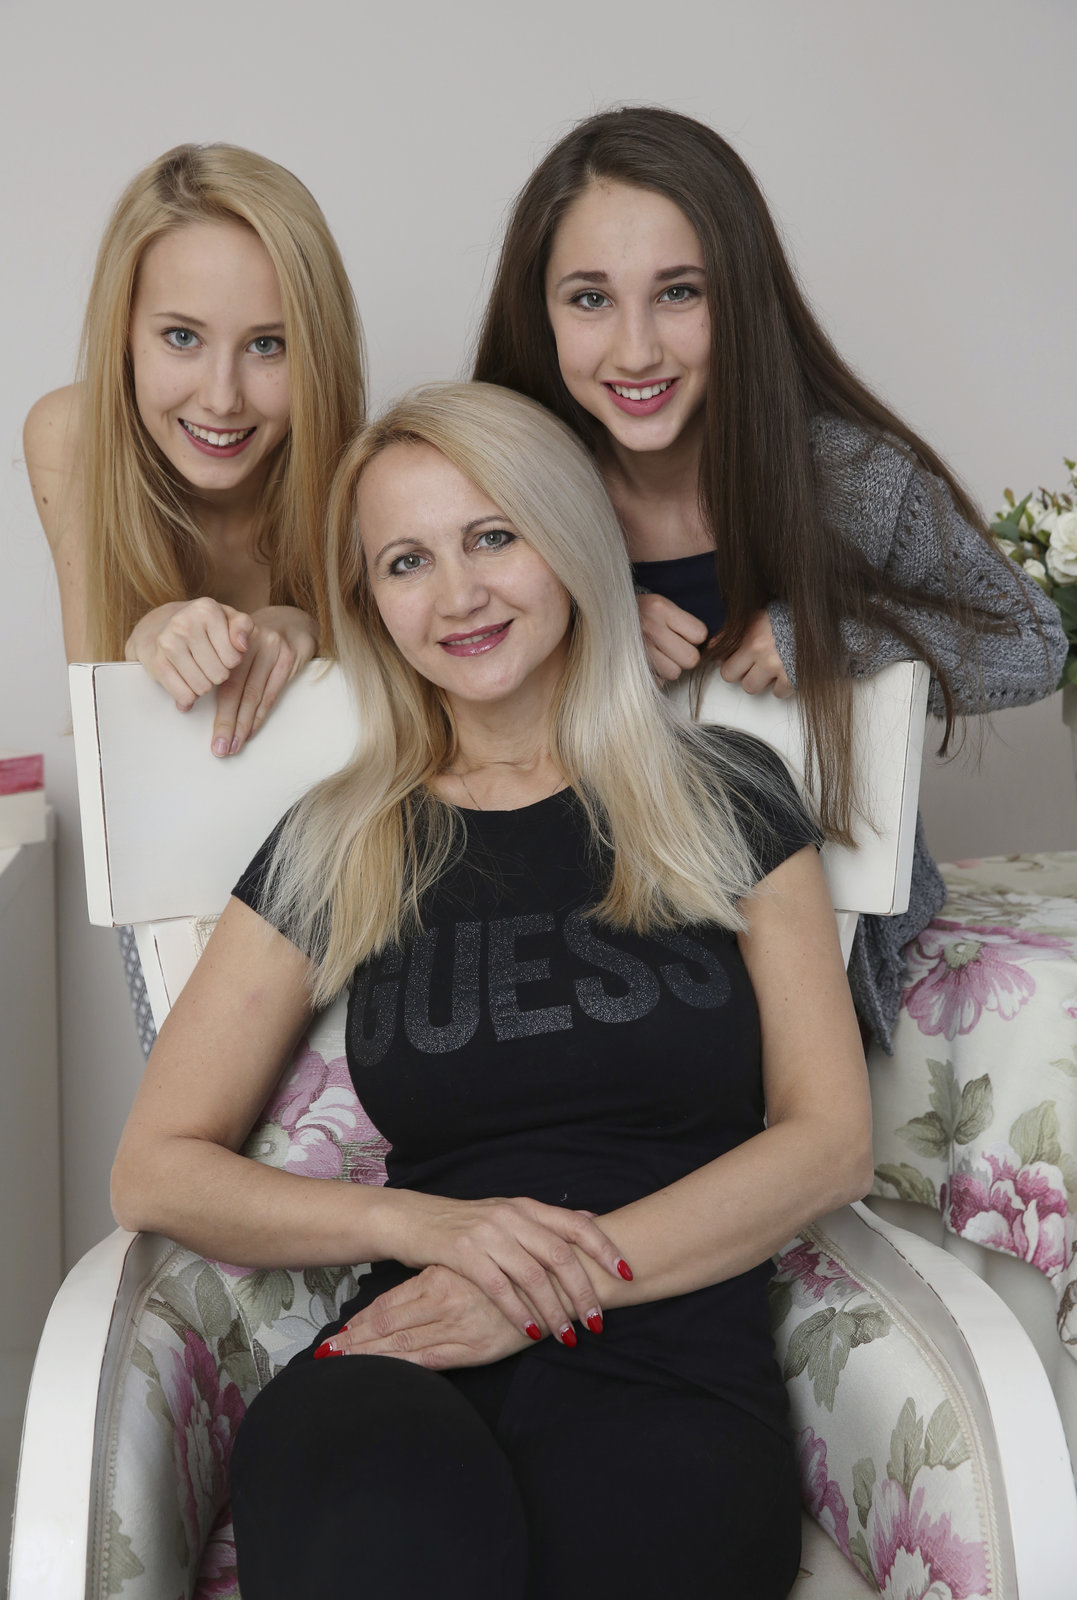 Šárka Grossová s dcerami Denisou (vlevo) a Natálkou (vlevo)